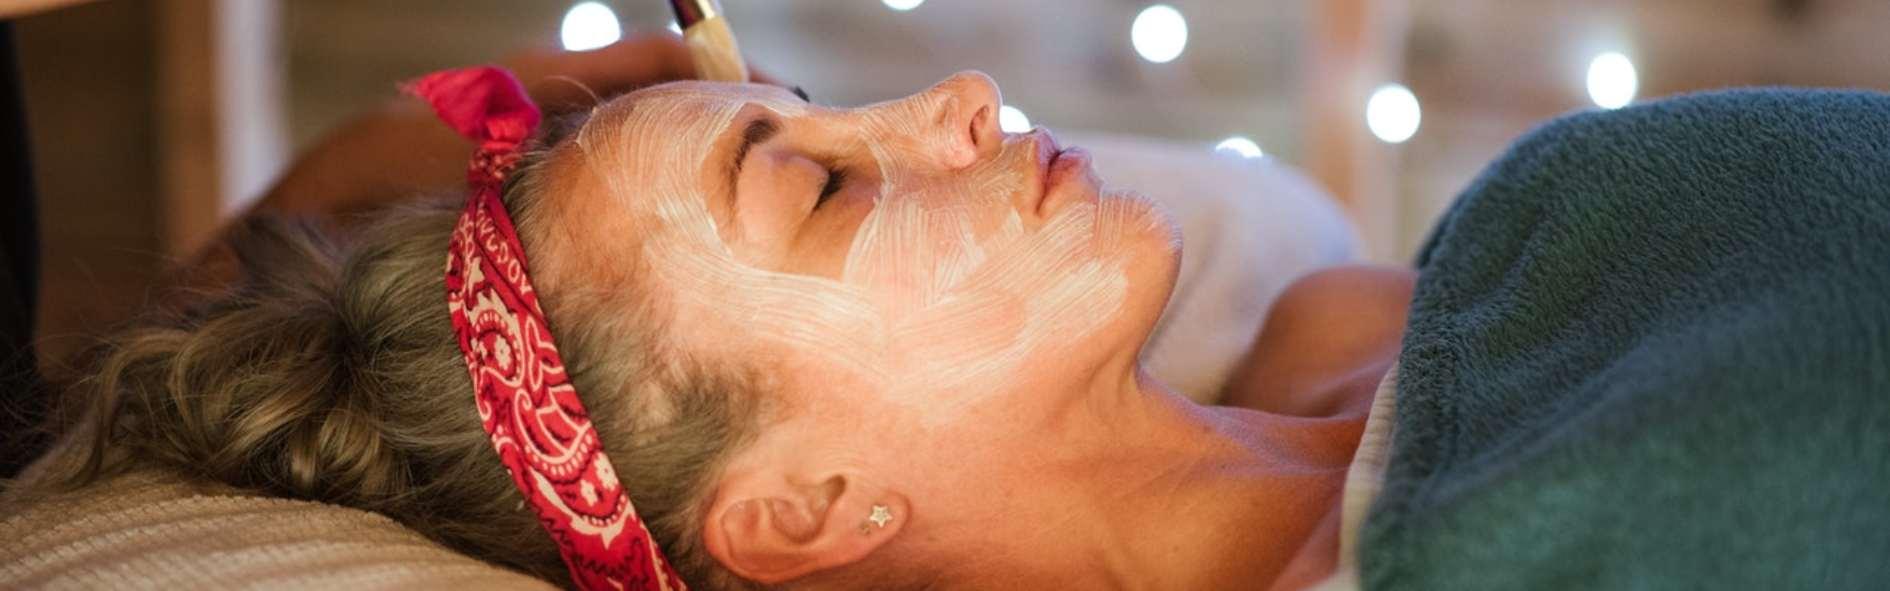 Conoce el peeling enzimático y sus beneficios para la piel